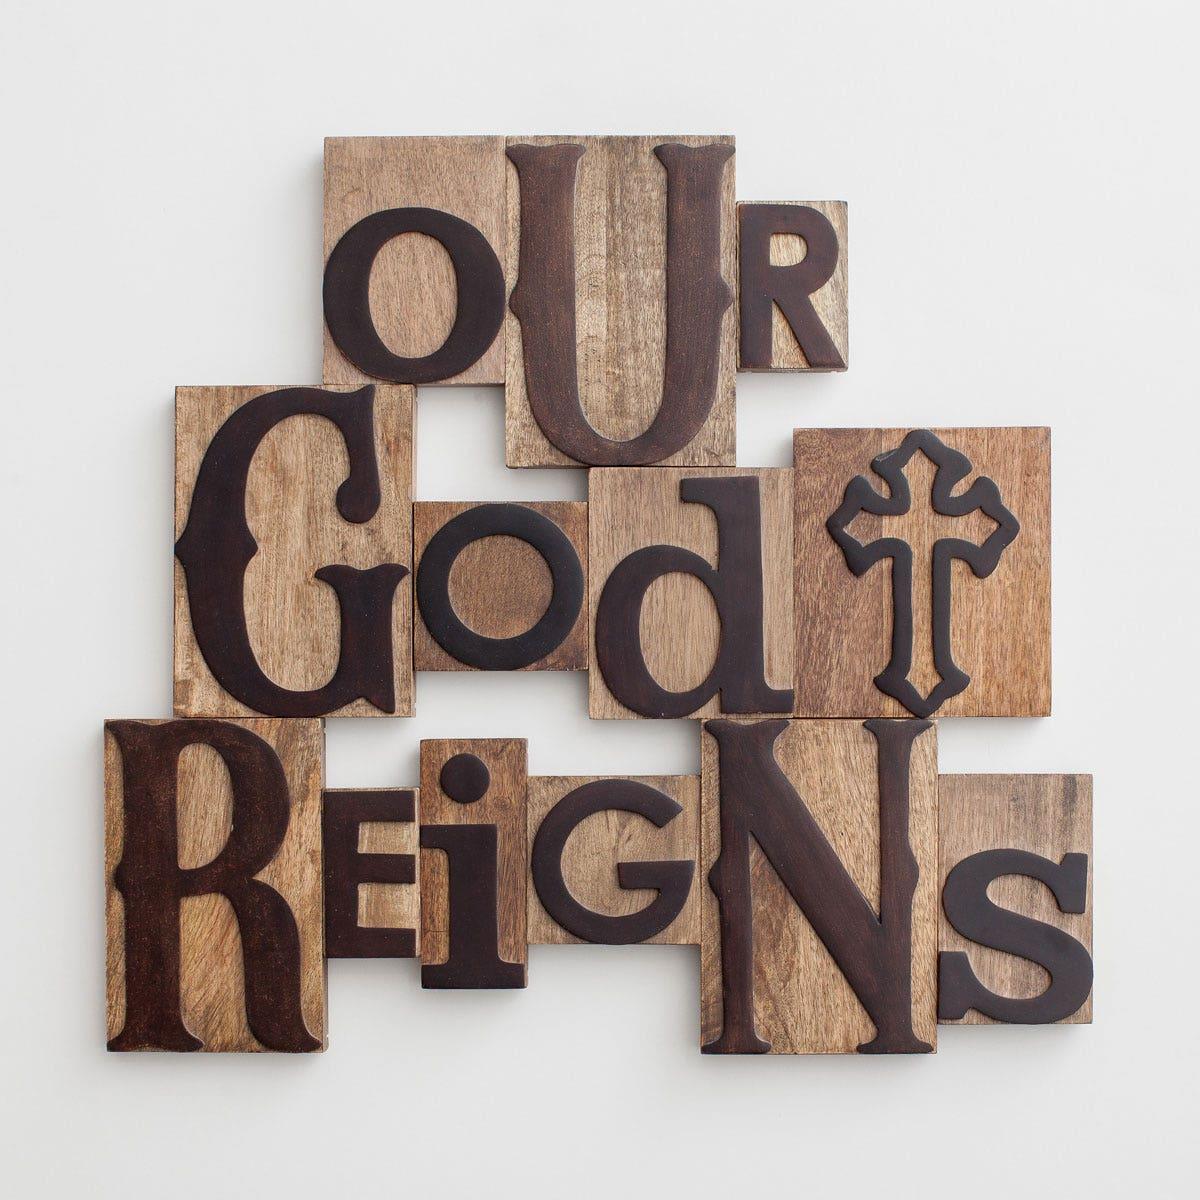 Our God Reigns - Letterpress Block Set